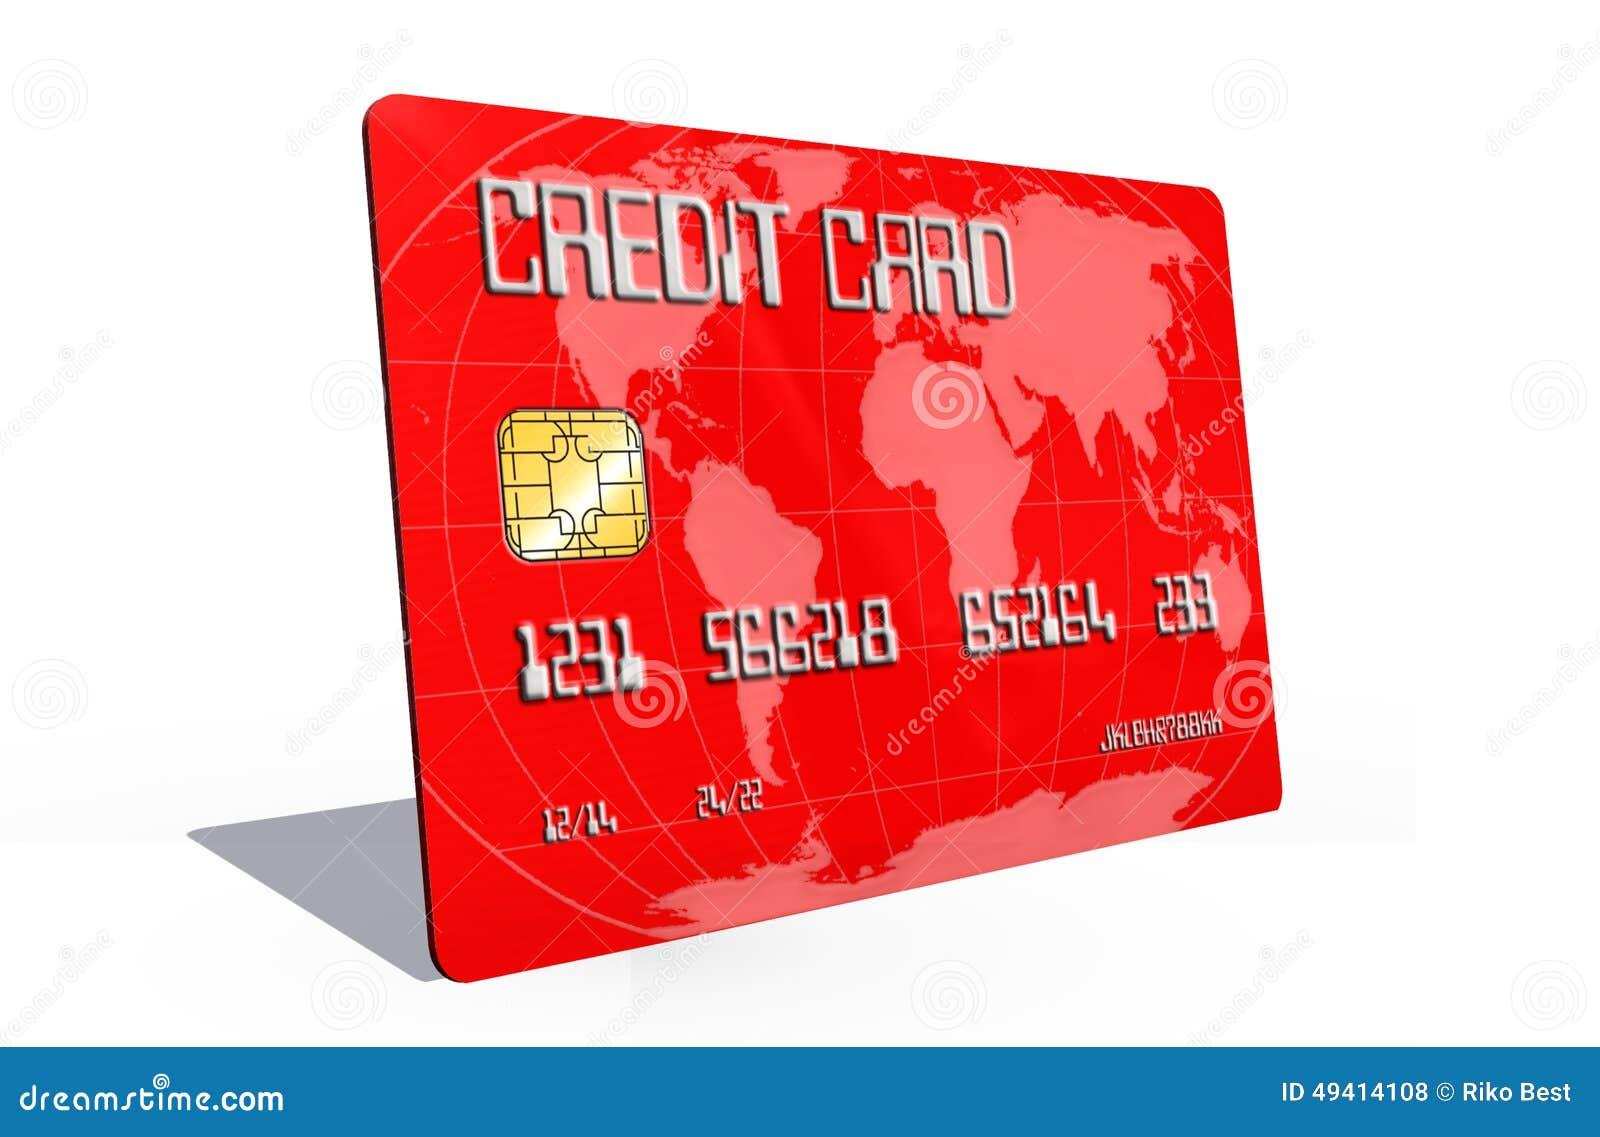 Download Kreditkarte Auf Weißem Hintergrund Stock Abbildung - Illustration von weiß, geld: 49414108